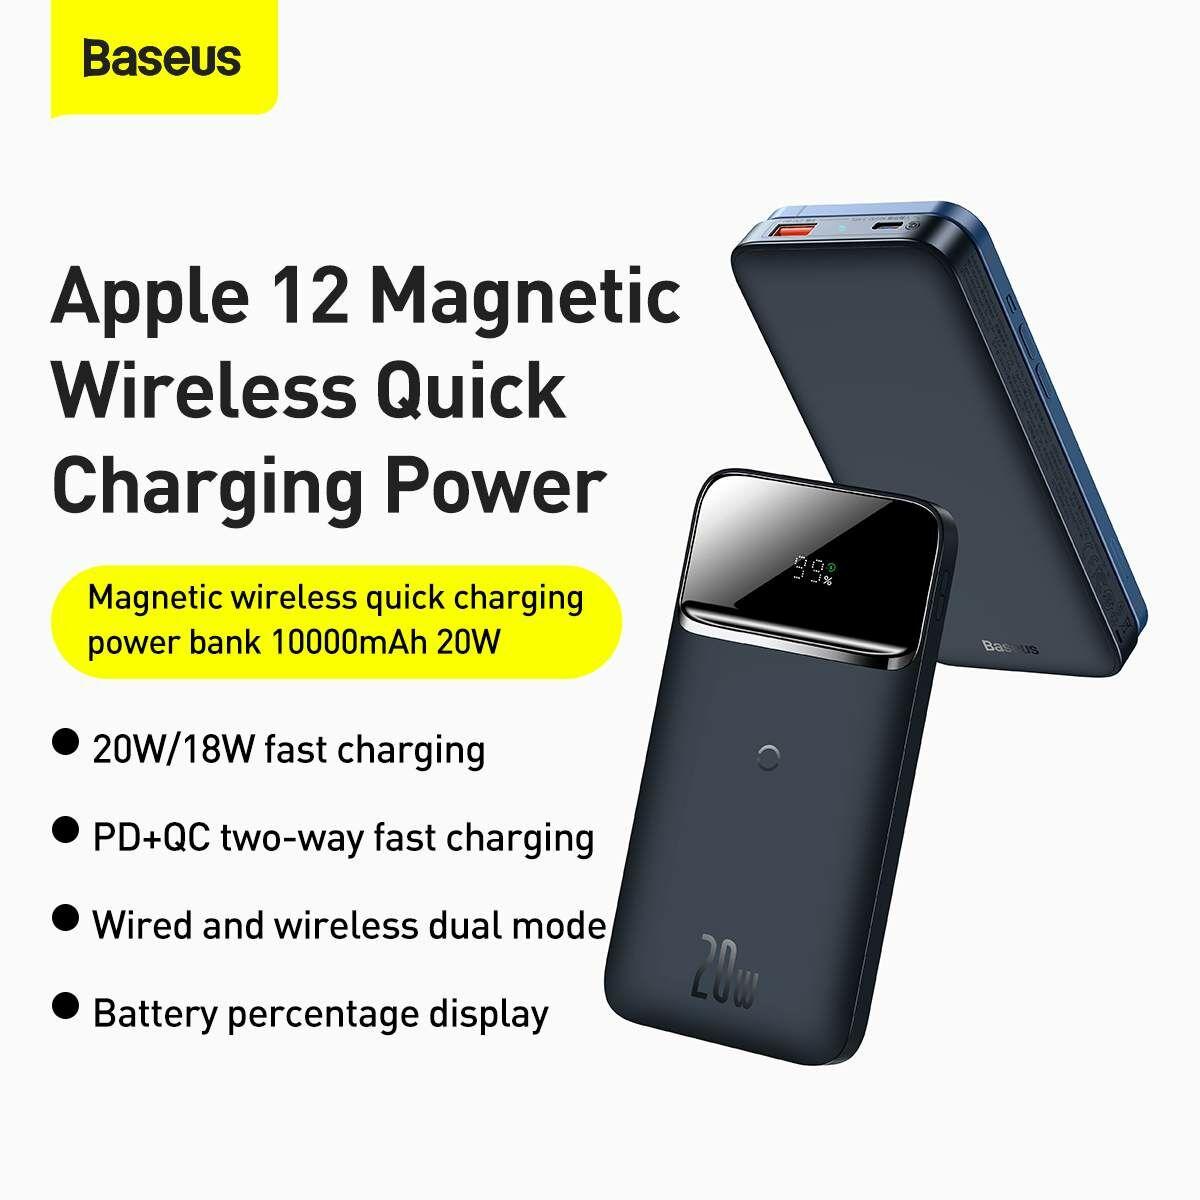 Baseus Power Bank, vezeték nélküli mágneses gyorstöltés, 20W, 10000 mAh, kék (PPMT-03)